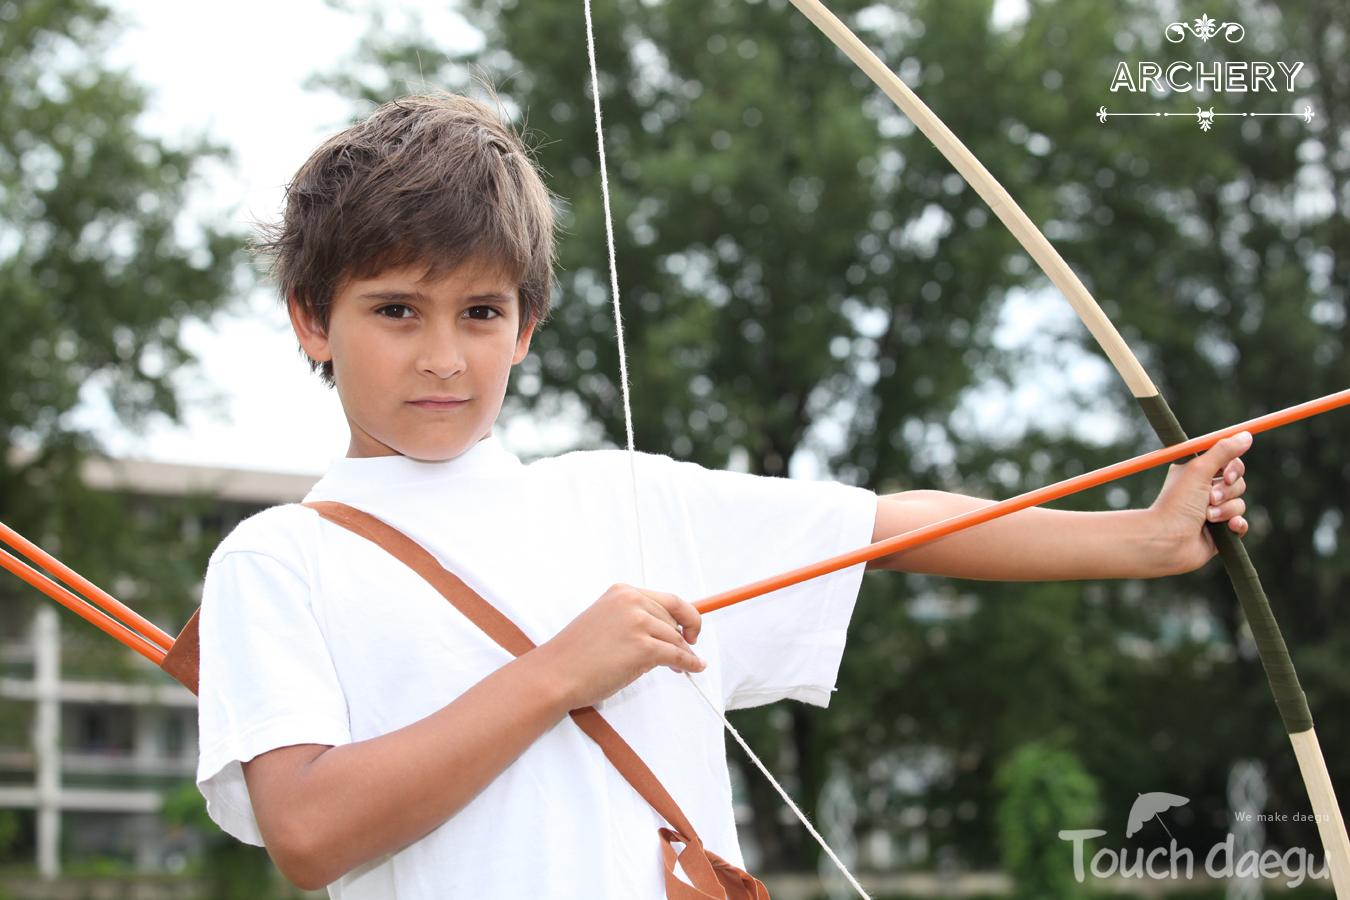 Daegu Archery